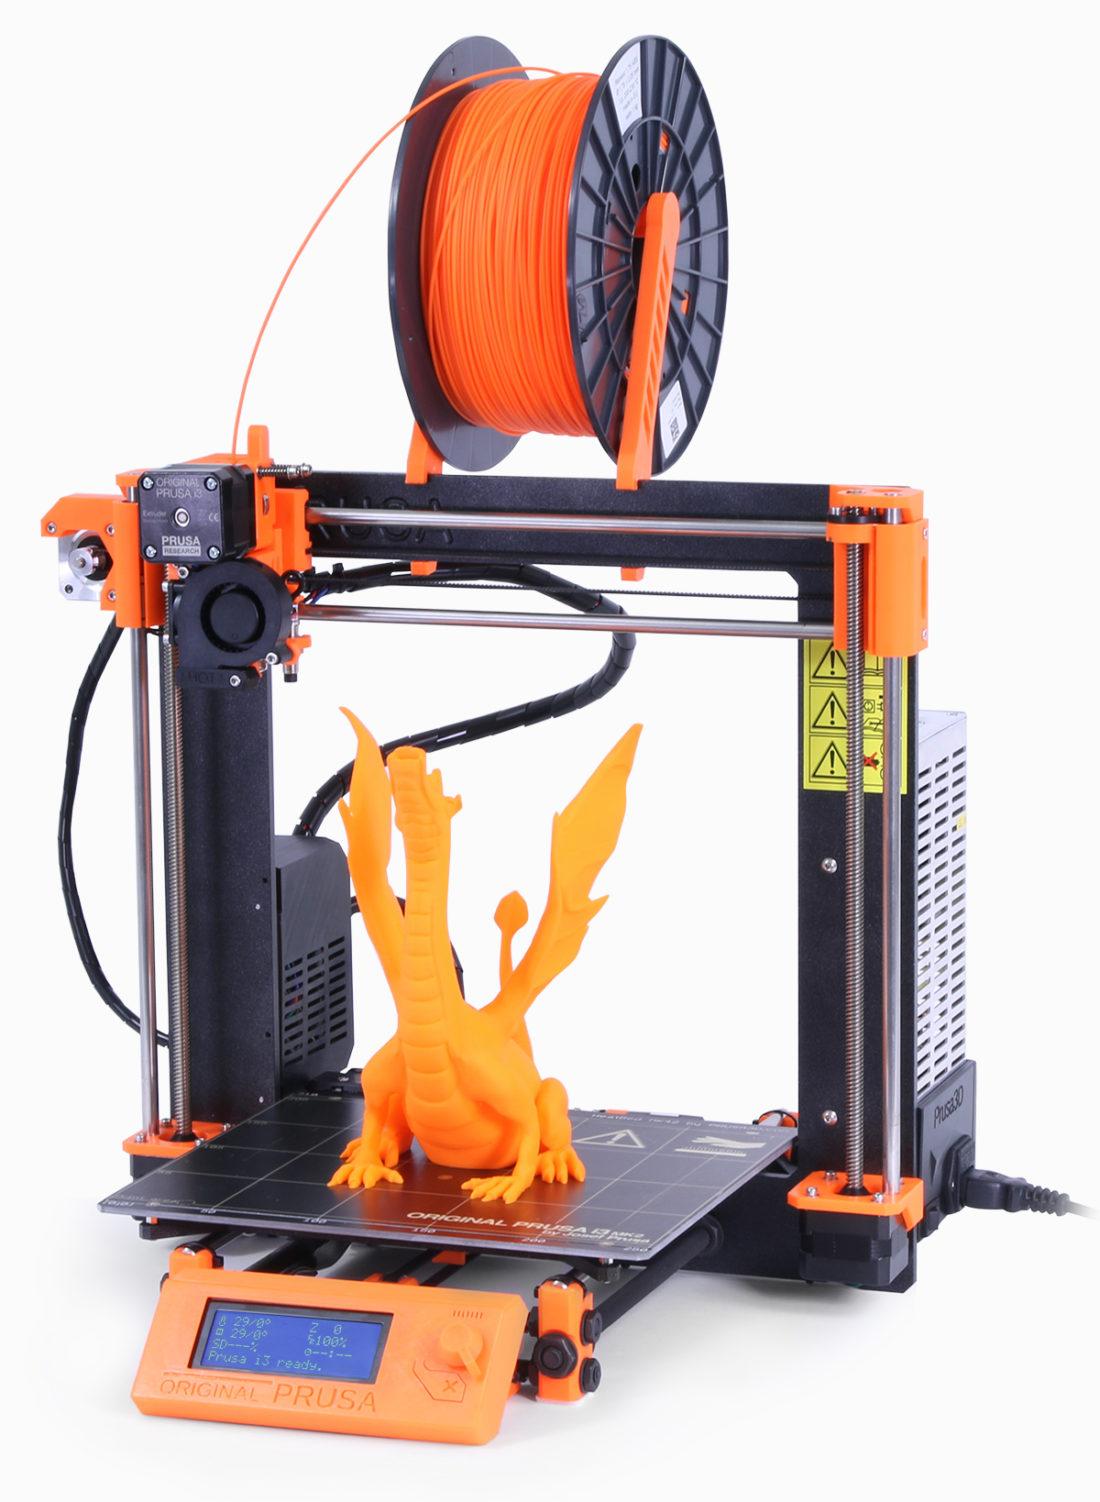 Prusia i3 MK2S: la meilleure imprimante 3D en Kit